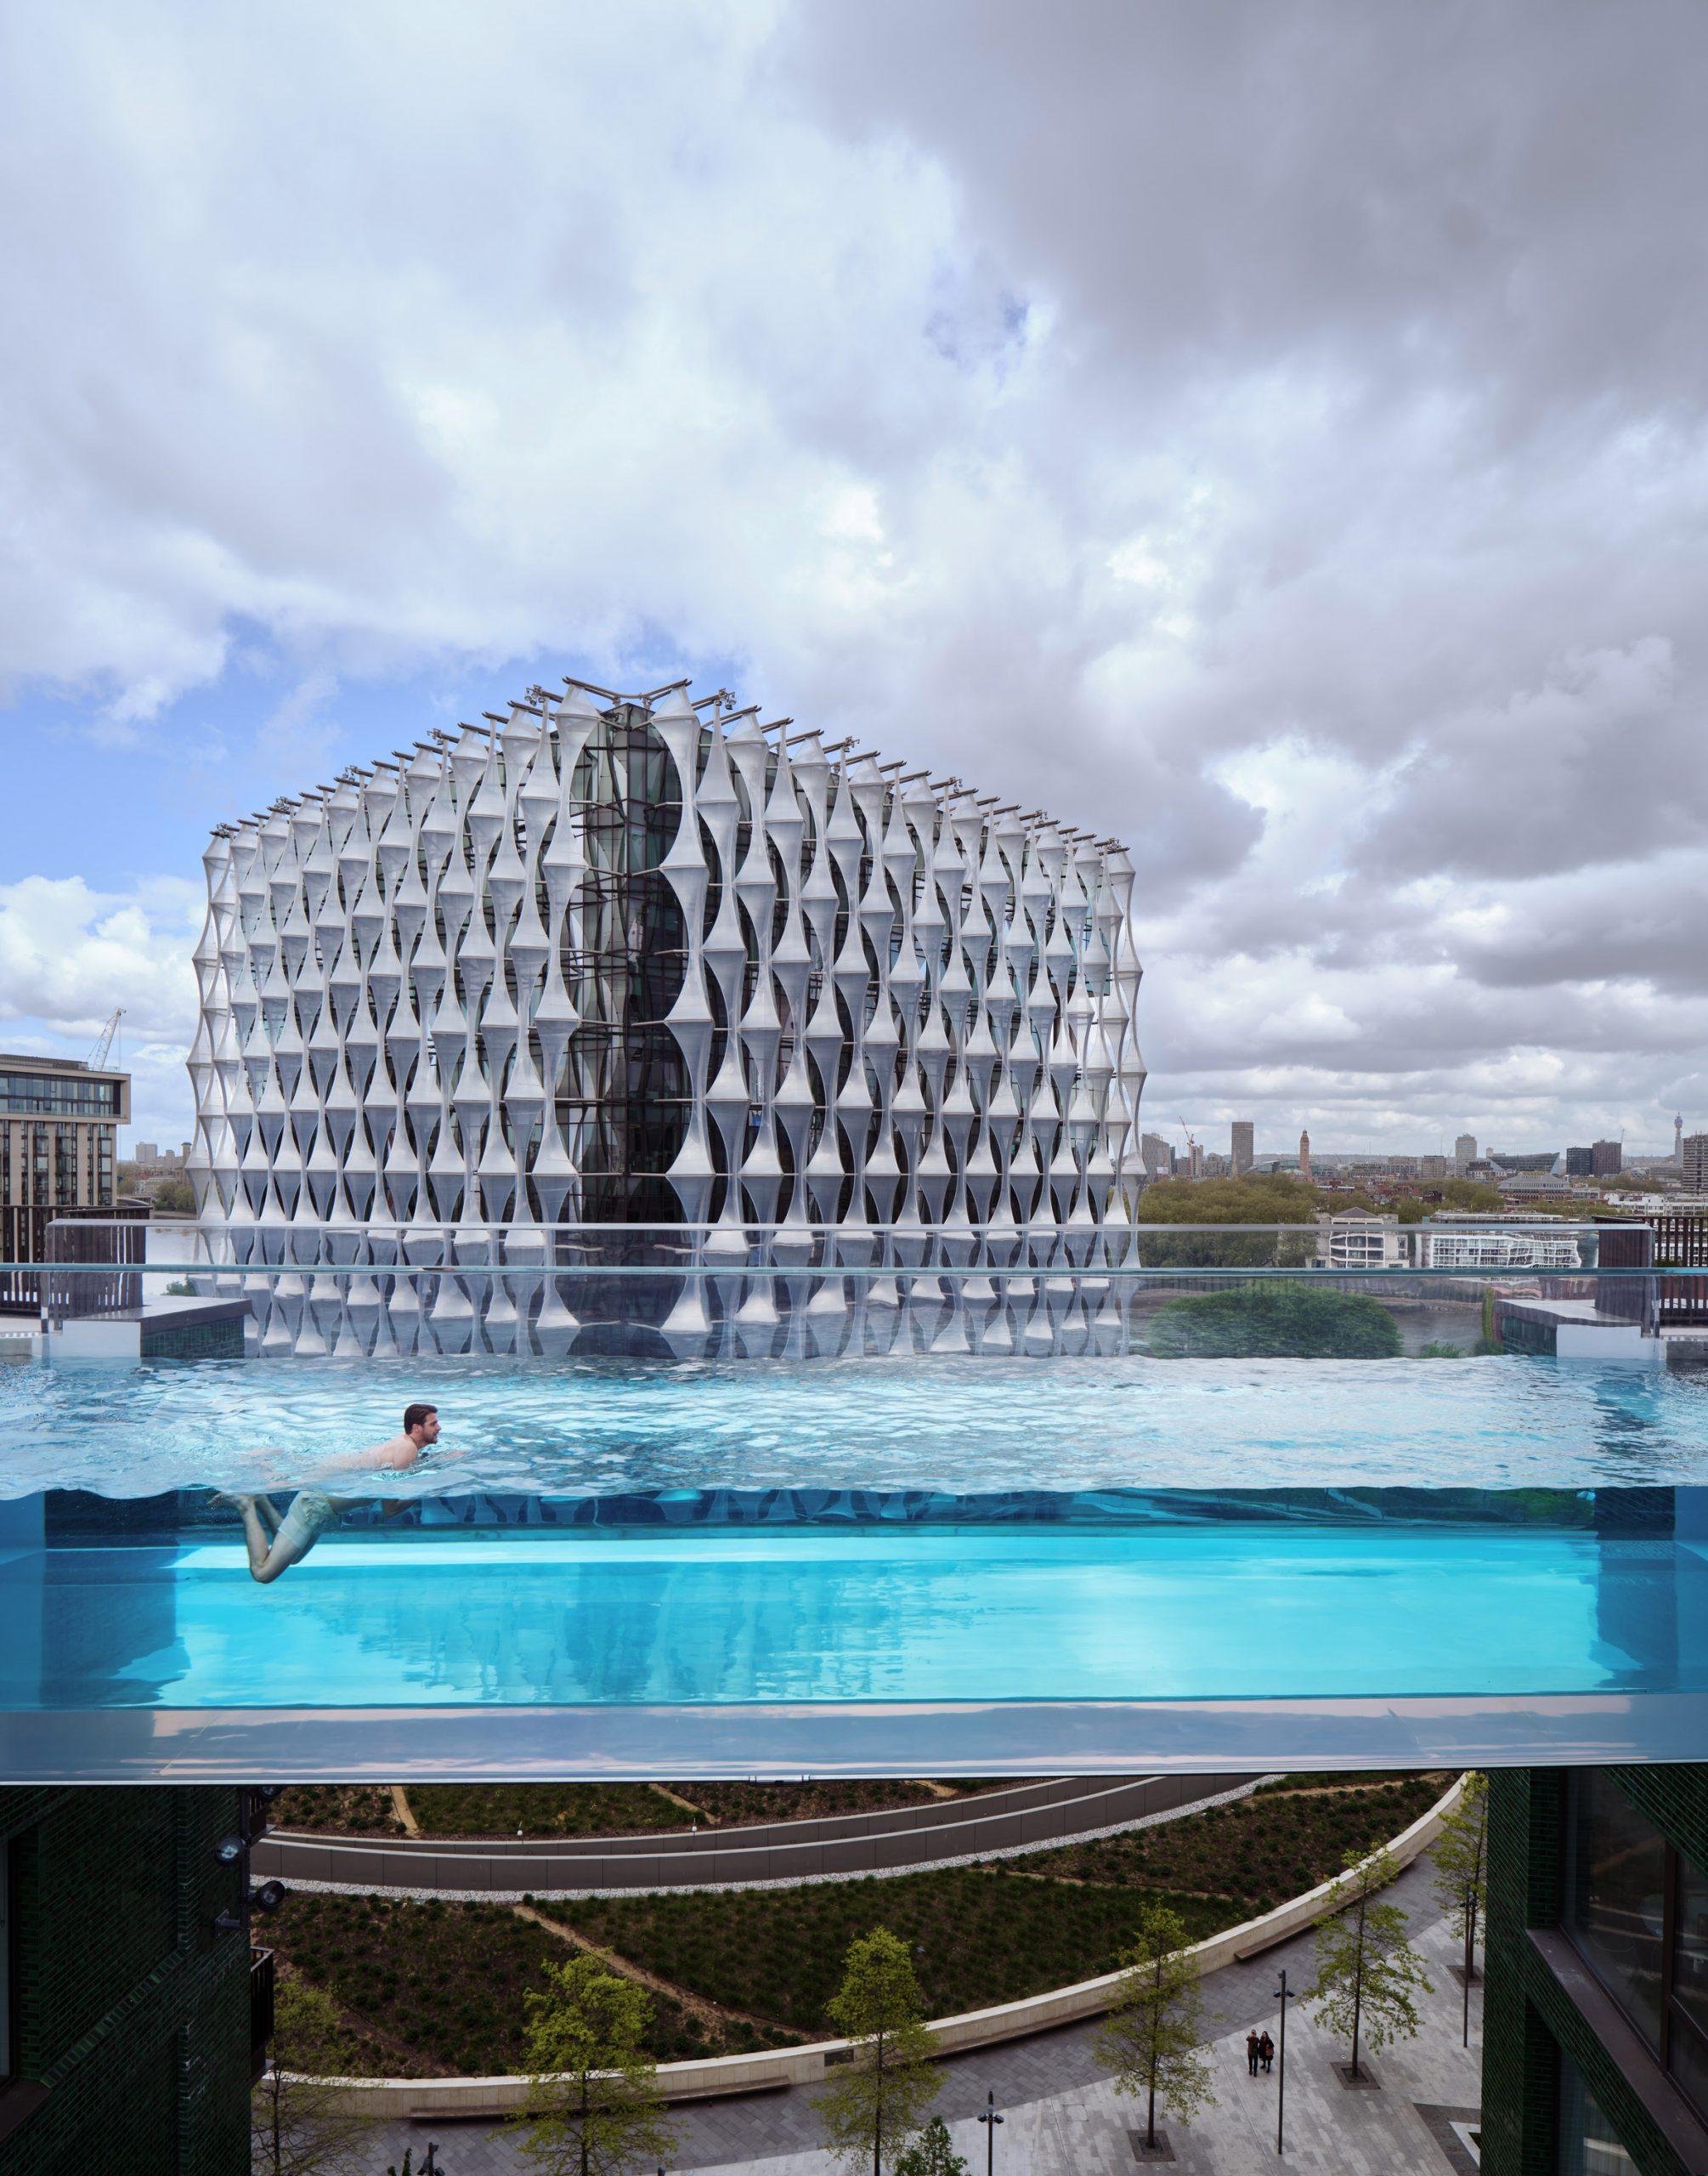 Studio kiến trúc HAL đã tạo ra một bể bơi trong suốt giữa hai tòa nhà